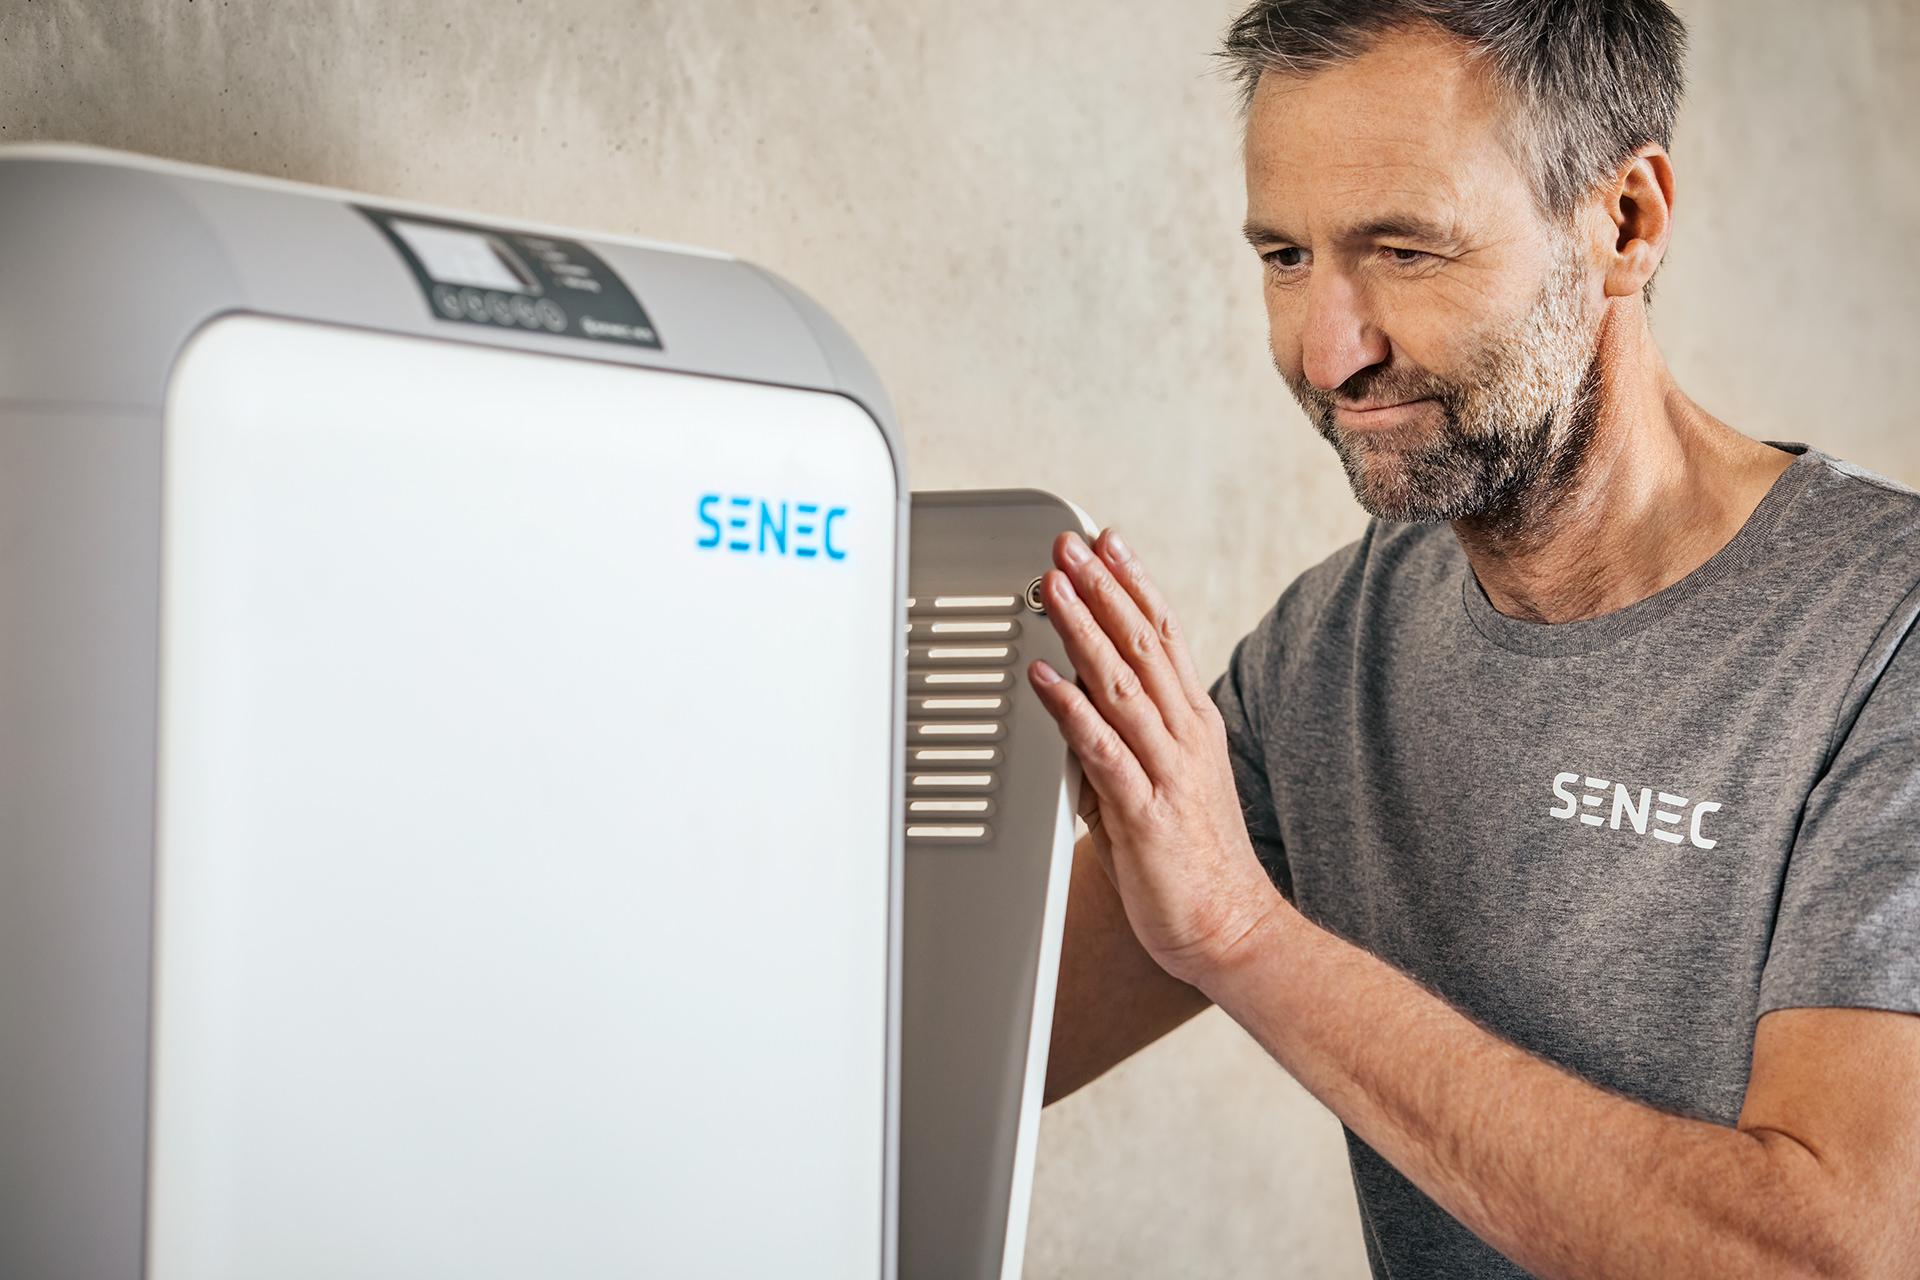 senec-energie-speicher-oeffnen-mann